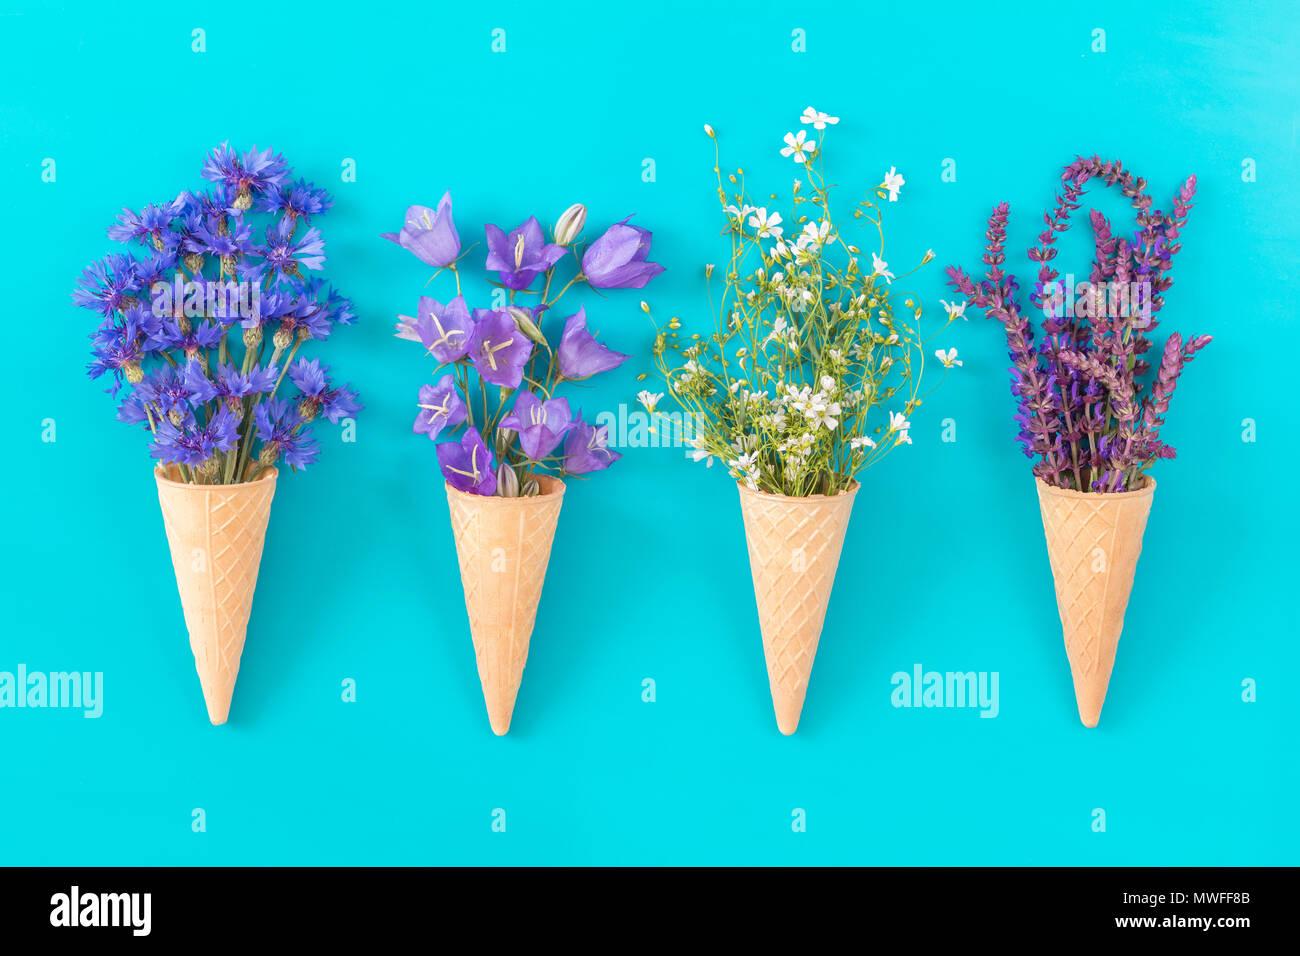 Vier Waffeln mit Thymian, Kornblumen, Blue Bells und weißen Blumen blühen Blumen auf blau Oberfläche. Flach, Ansicht von oben floral background. Stockbild